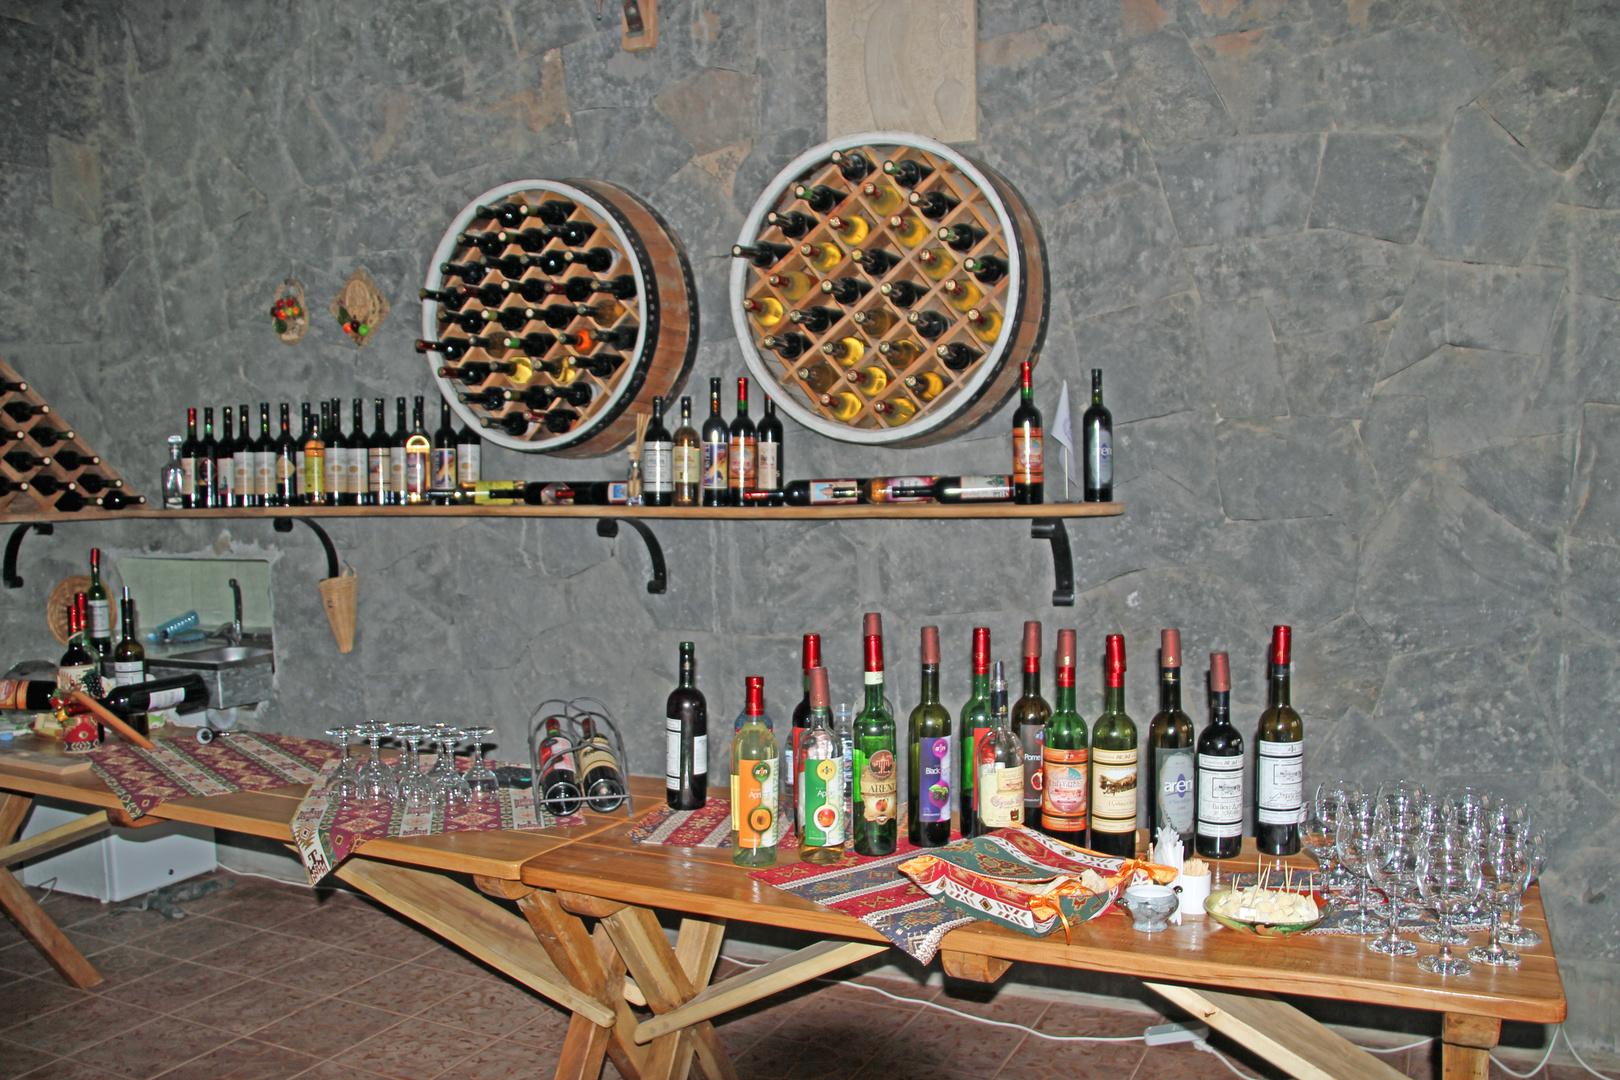 Areni: Armenische Weine stehen zur Verkostung bereit